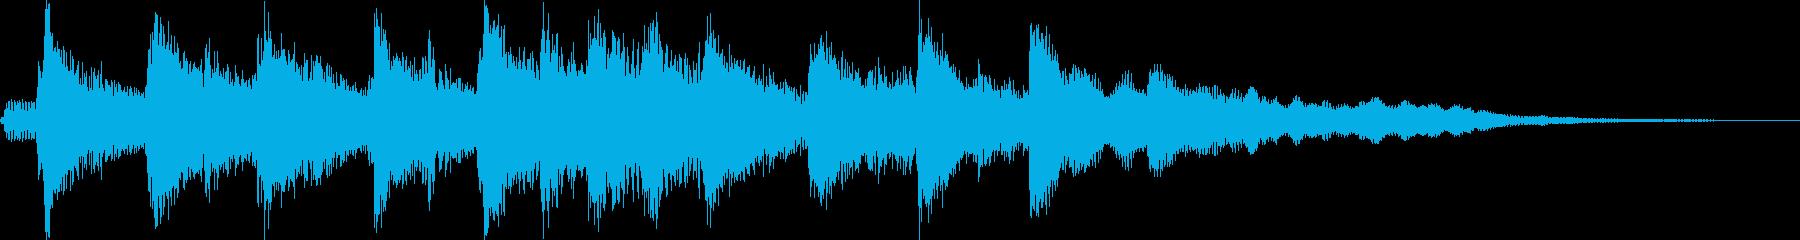 優しい感じの琴の和風ジングルの再生済みの波形